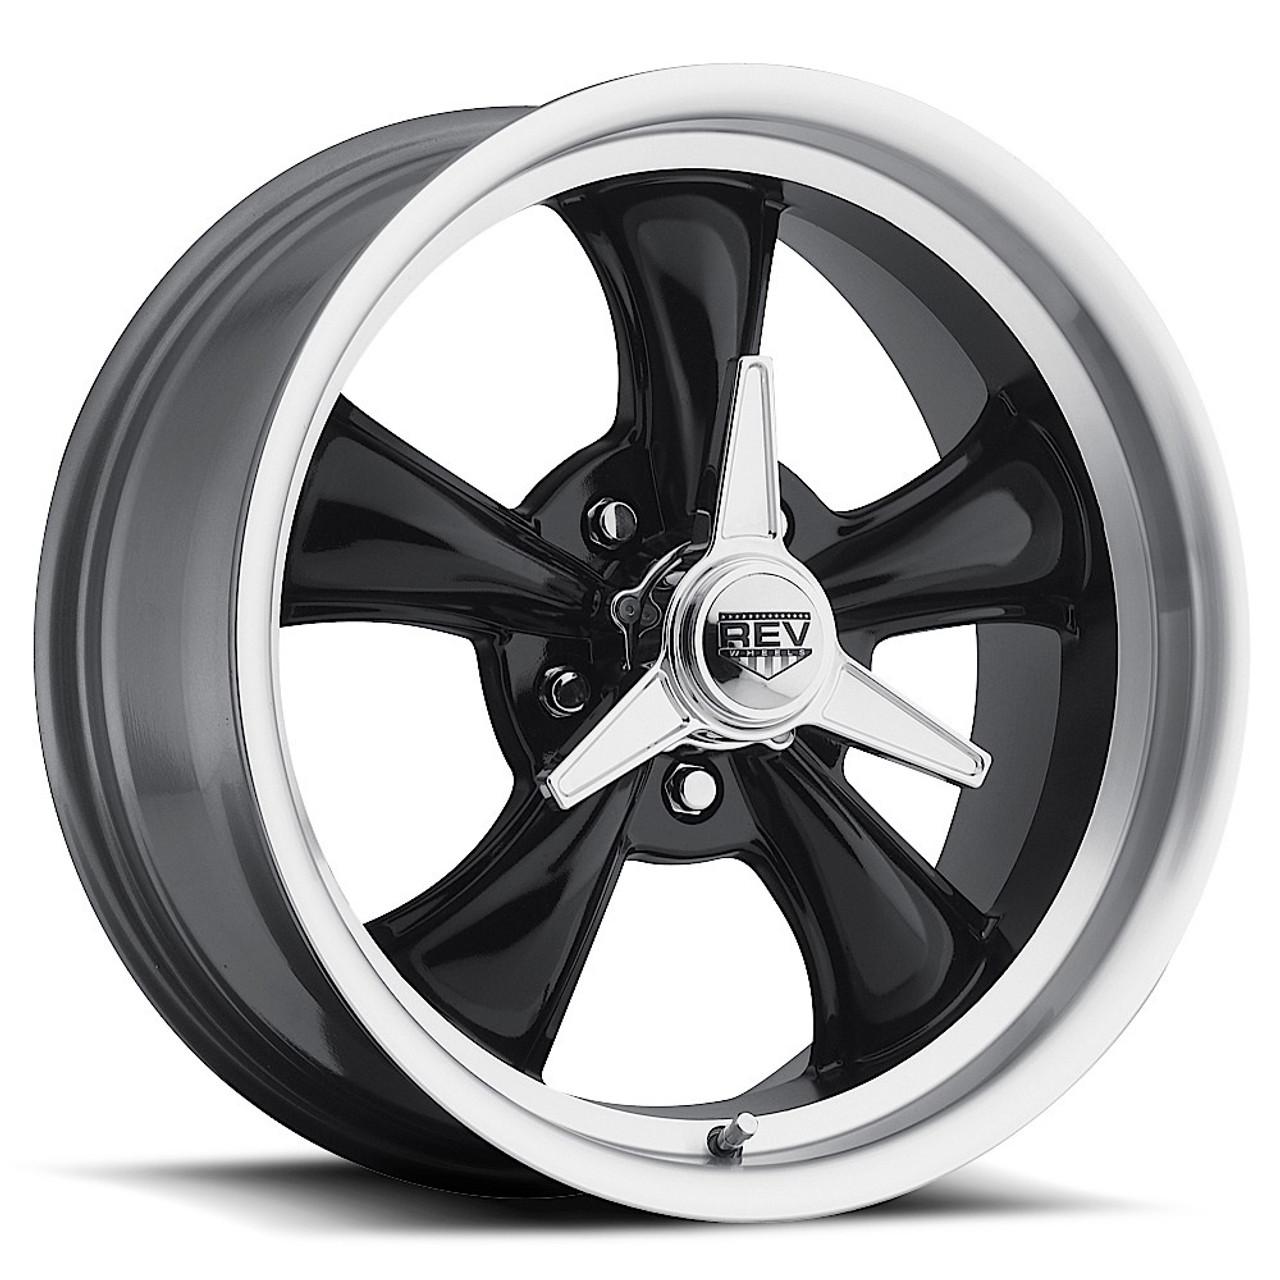 REV105 Black